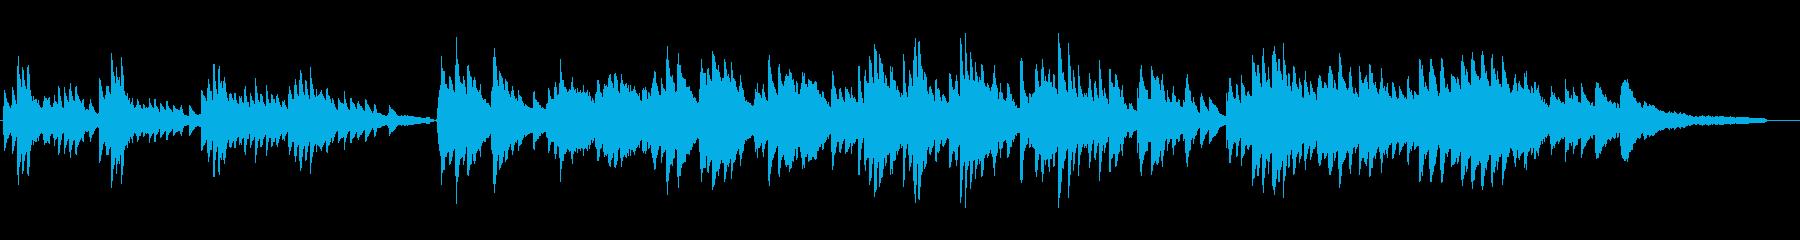 歓喜の歌ベートベン第九アレンジピアノソロの再生済みの波形